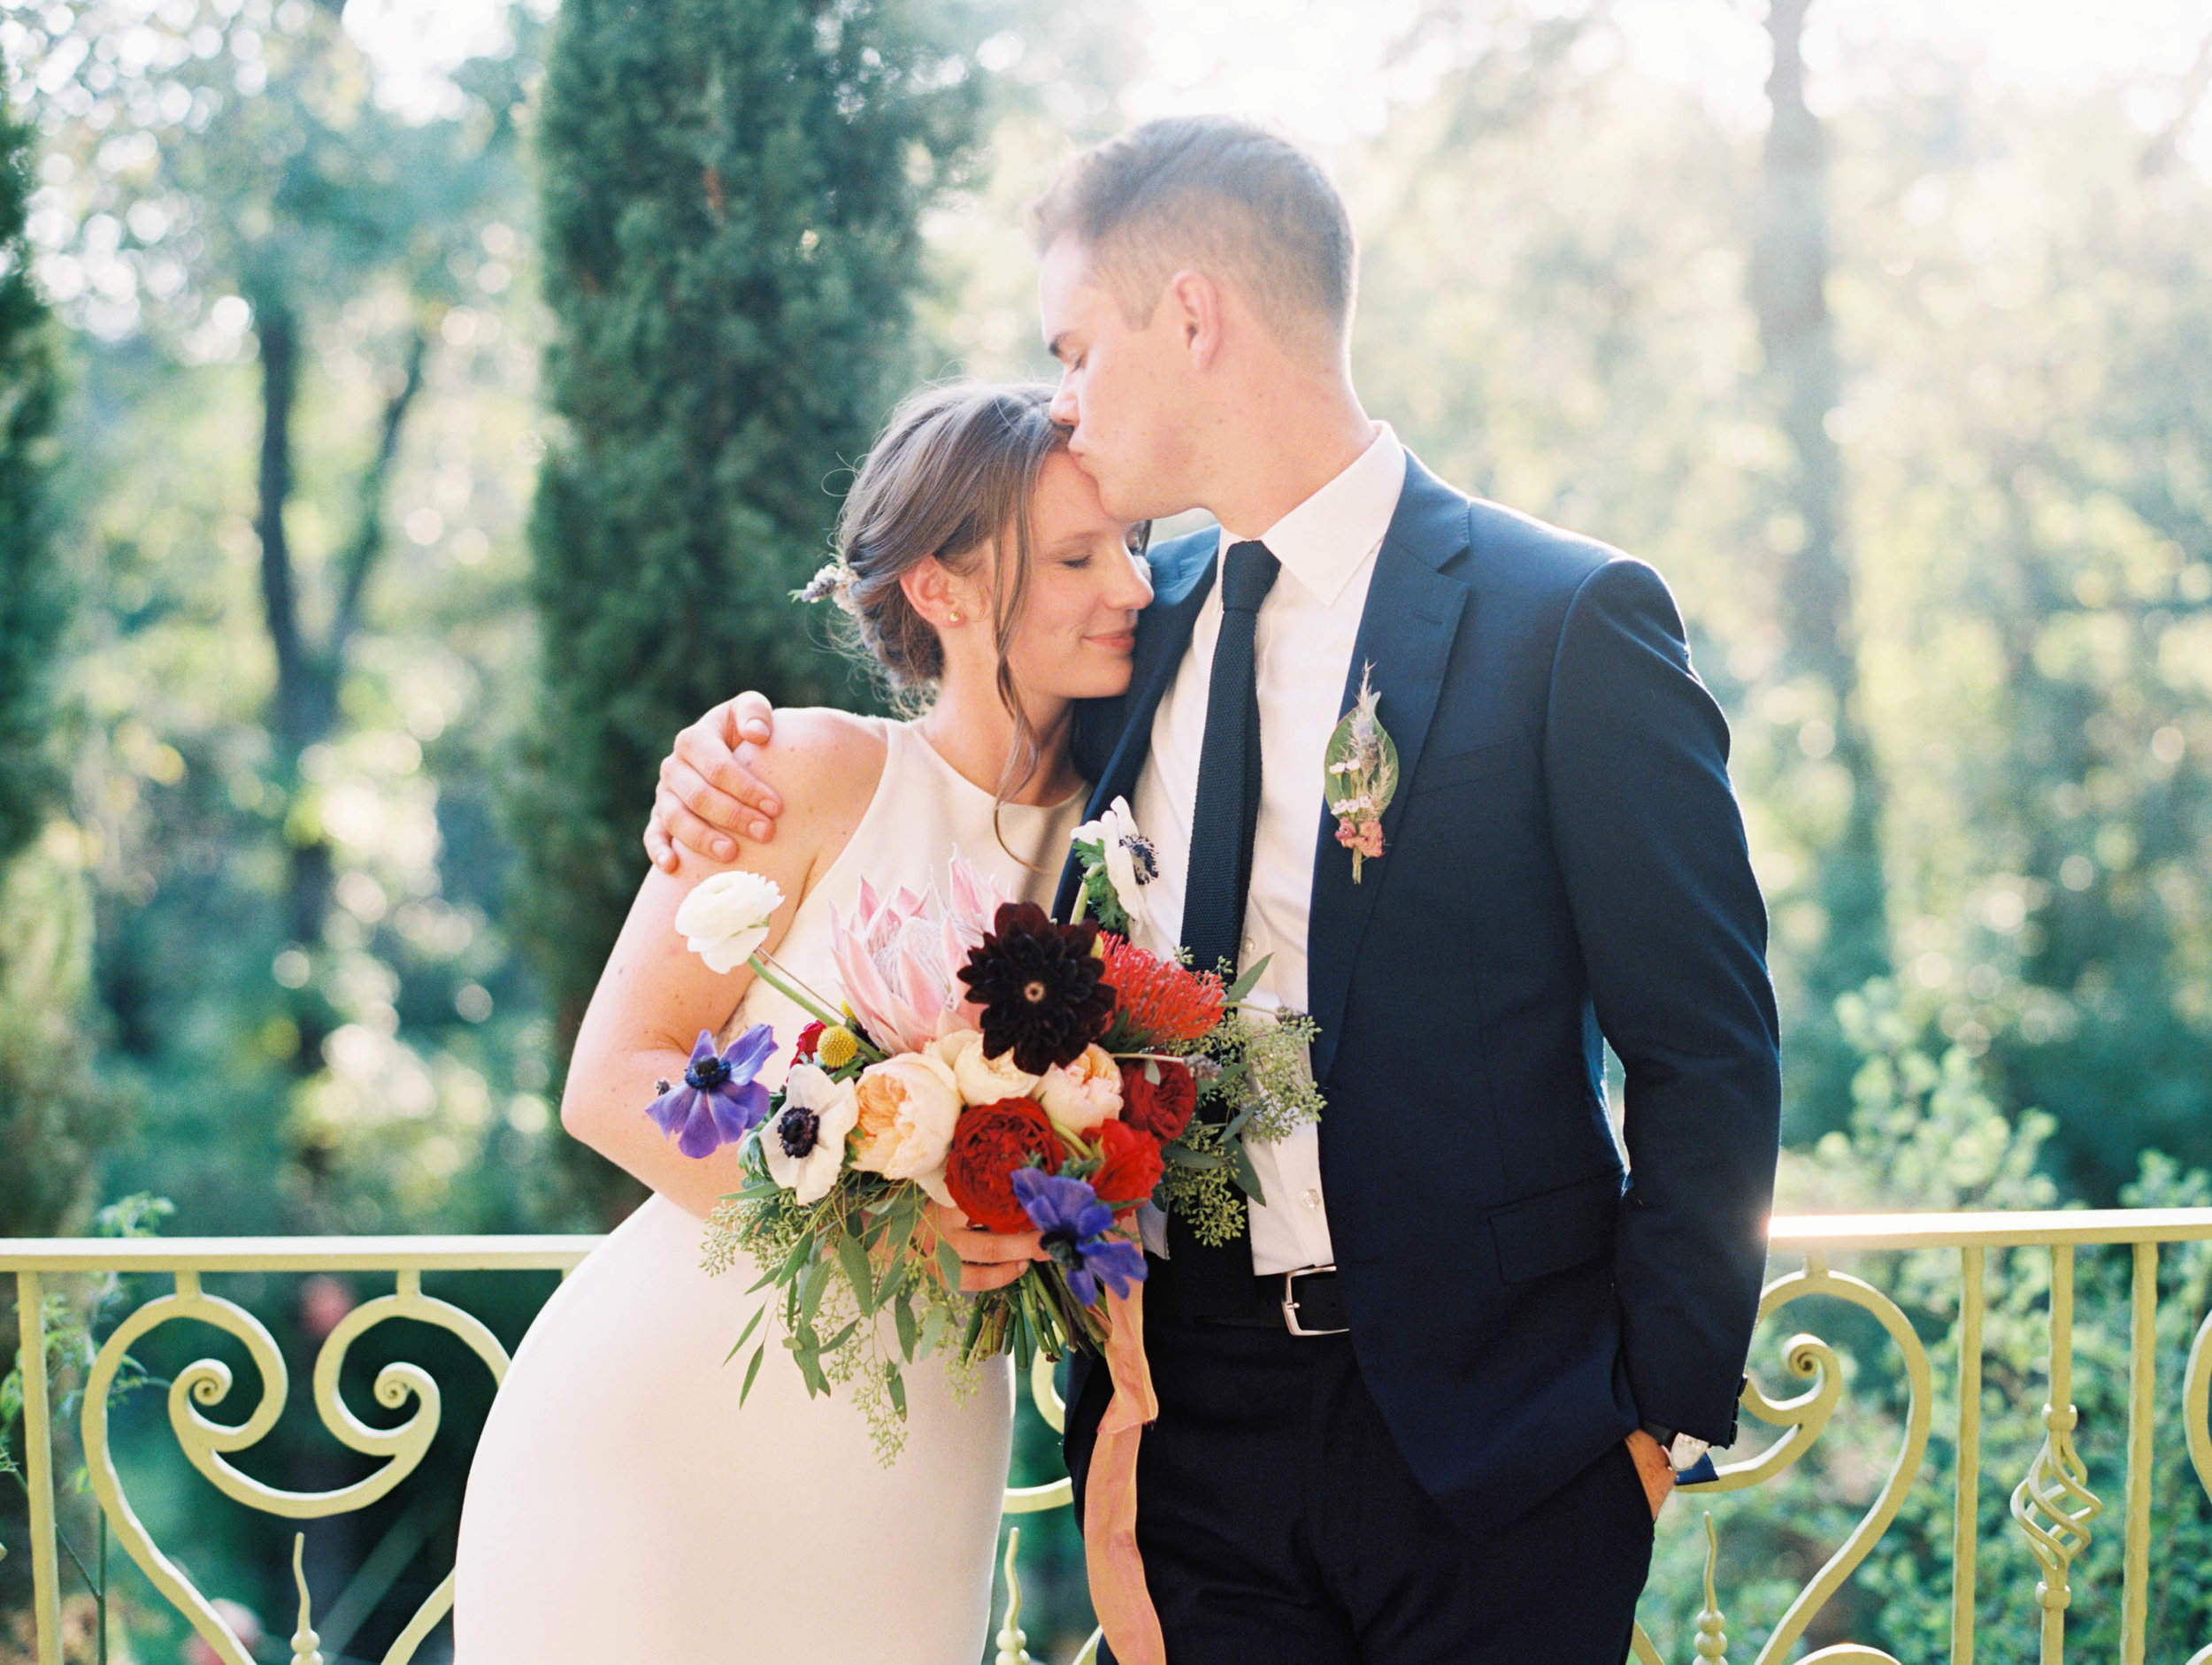 Alex-Kyrany-Wedding-Jennifers-Gardens-188.jpg